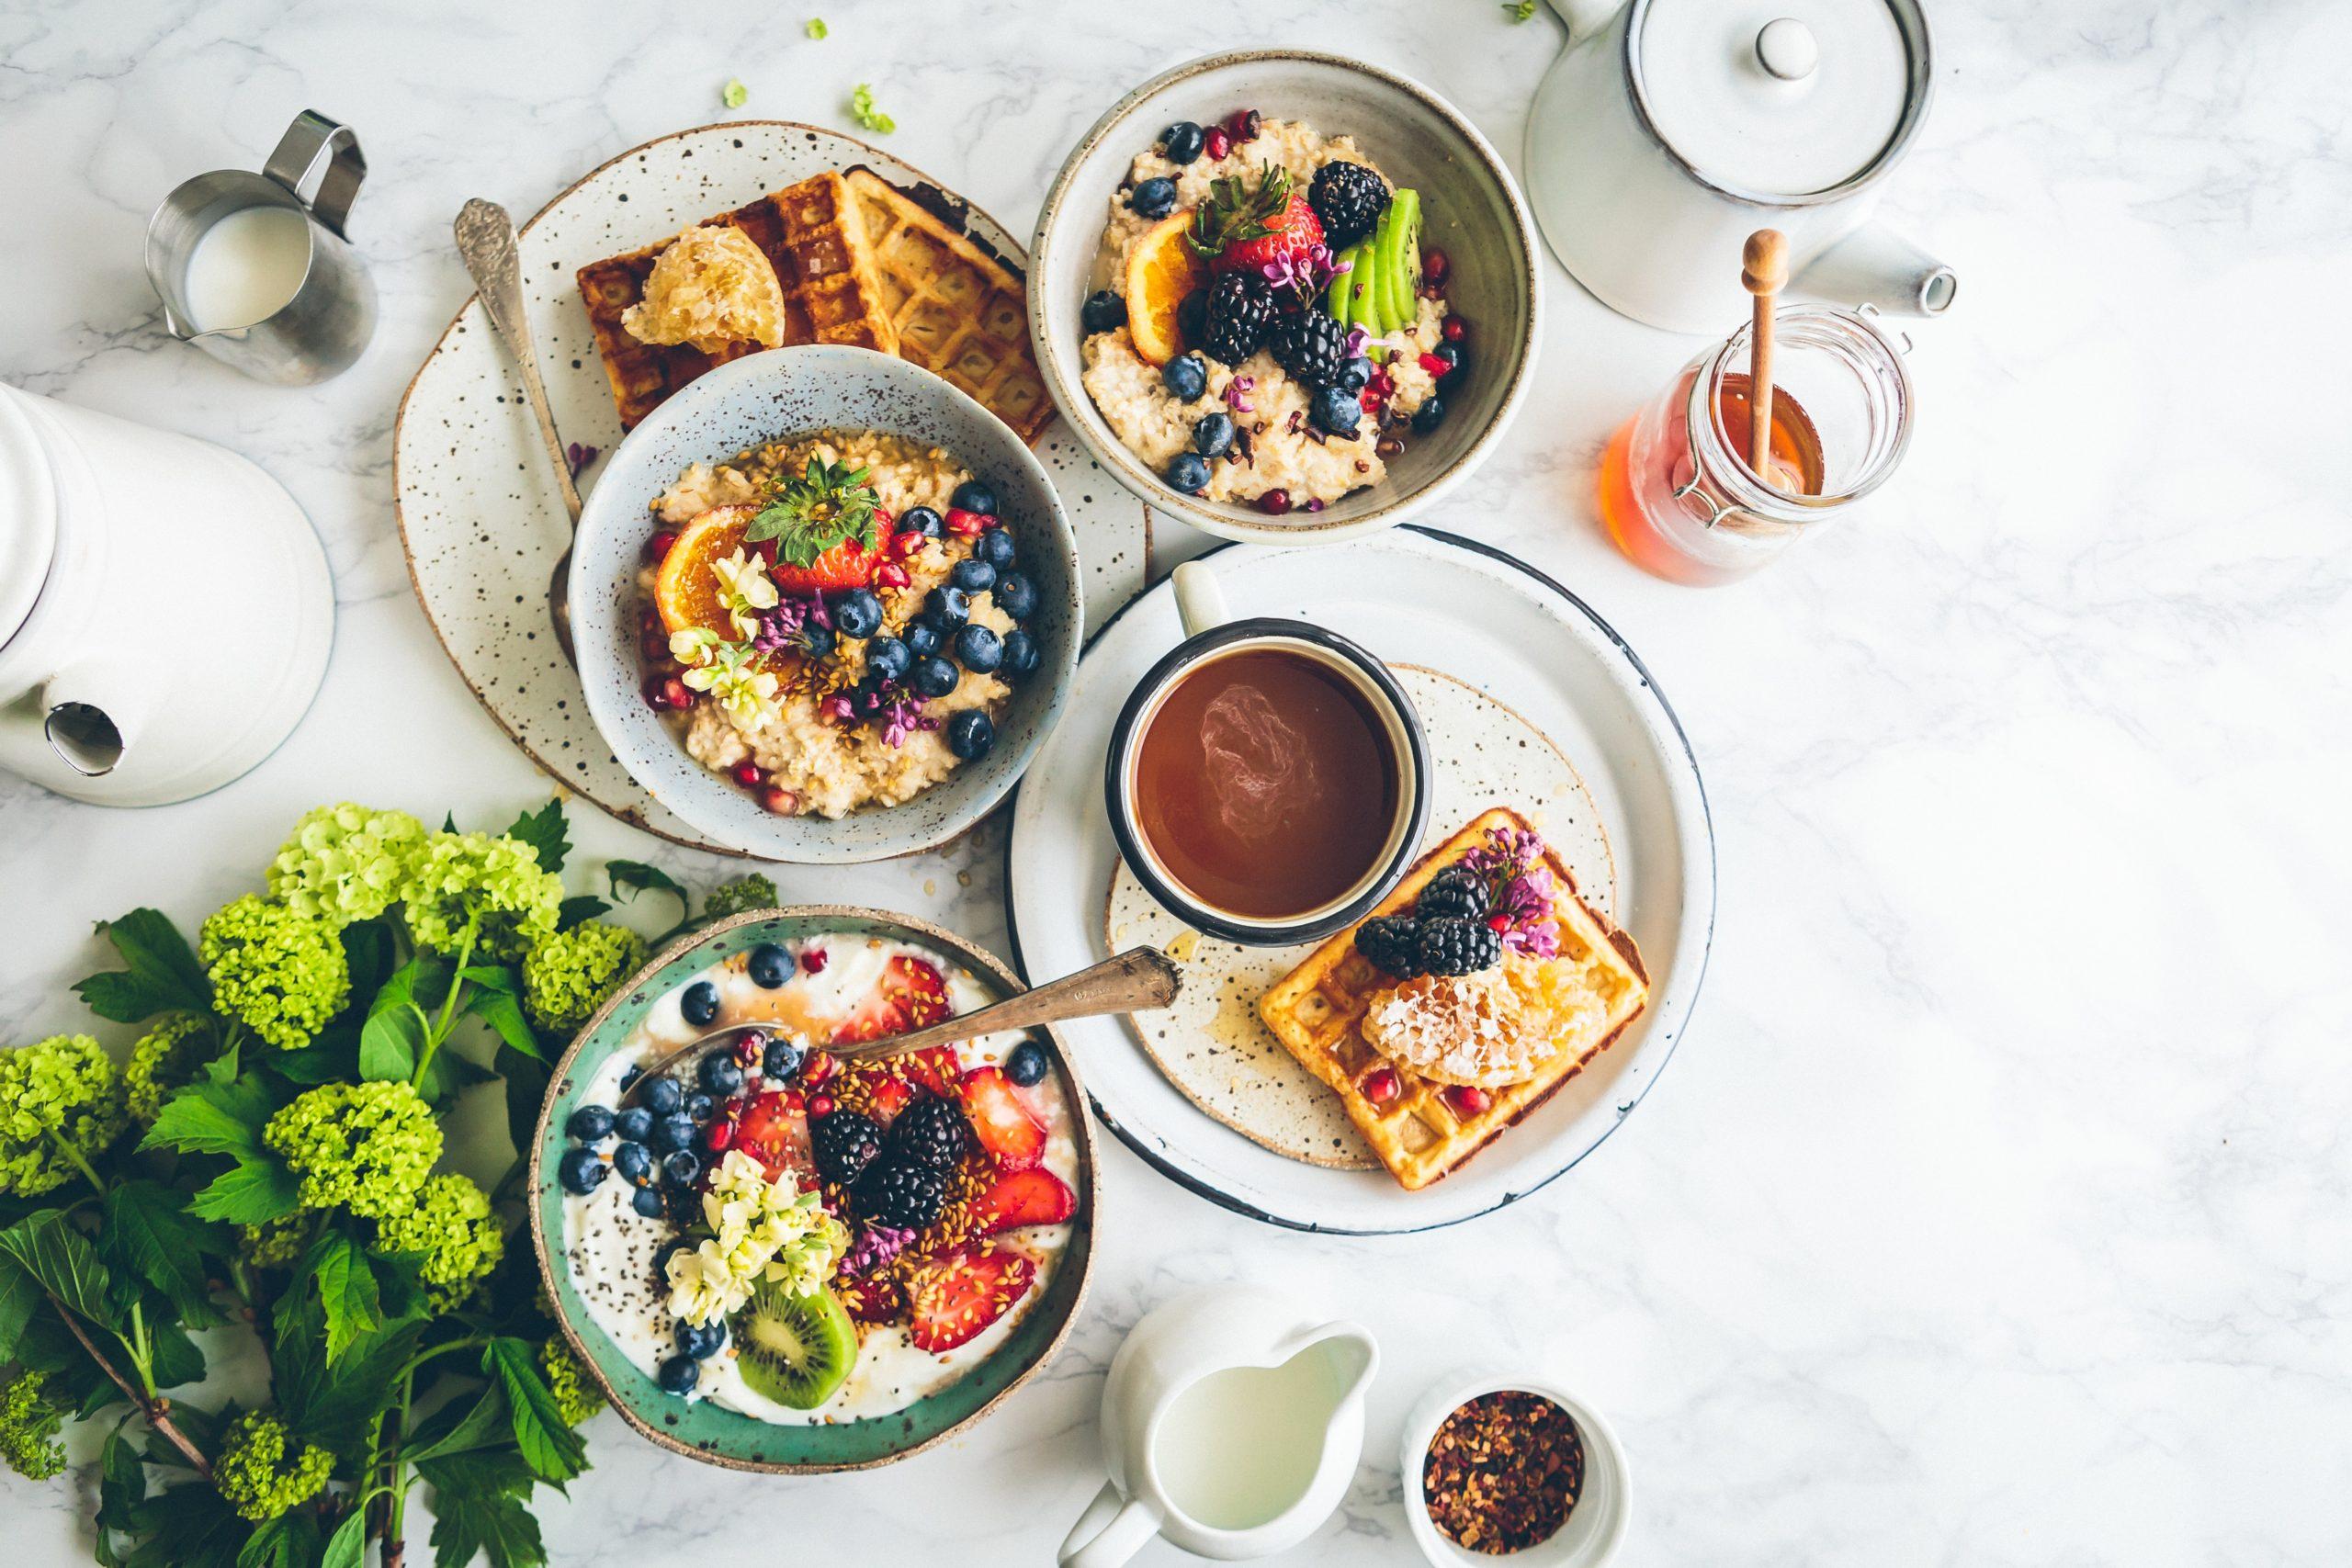 フレッシュな朝食の画像